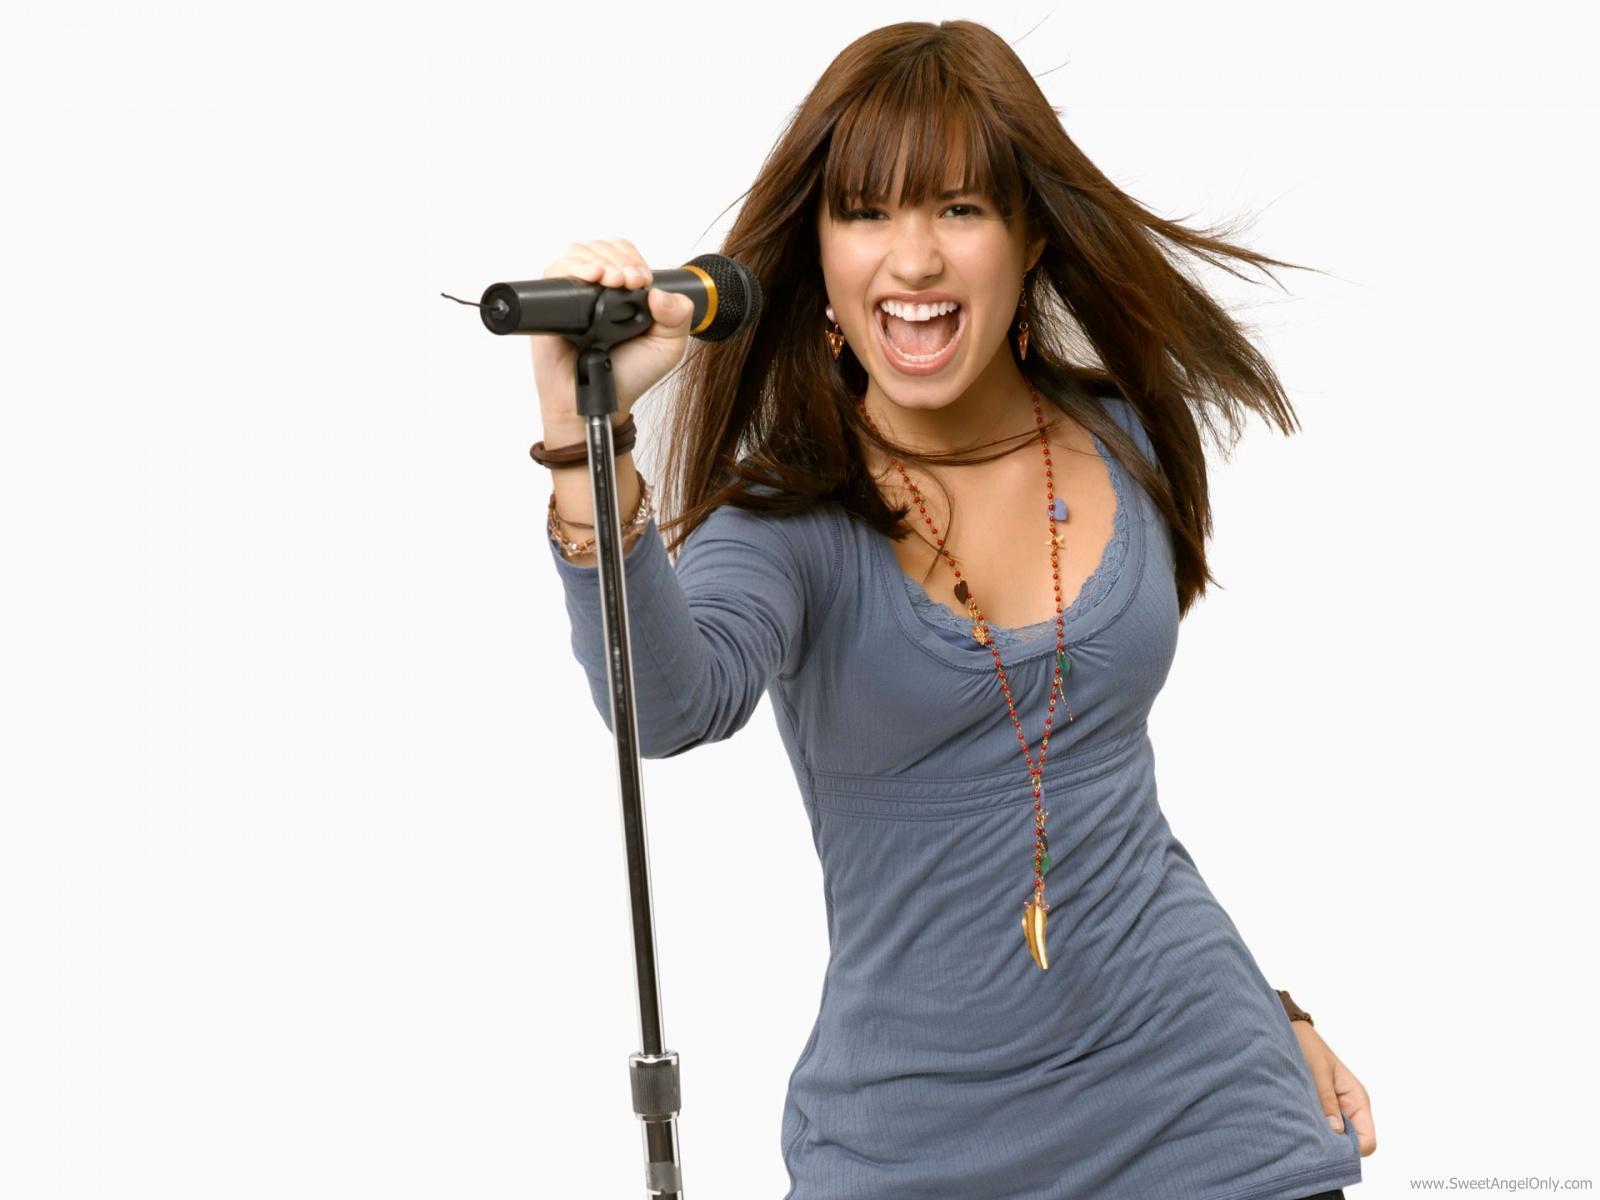 http://2.bp.blogspot.com/-fYmhrgRkgzc/TsDEA9XYo_I/AAAAAAAAAwU/8Z8oF6WCUMk/s1600/demi_lovato_singing-1600x1200.jpg